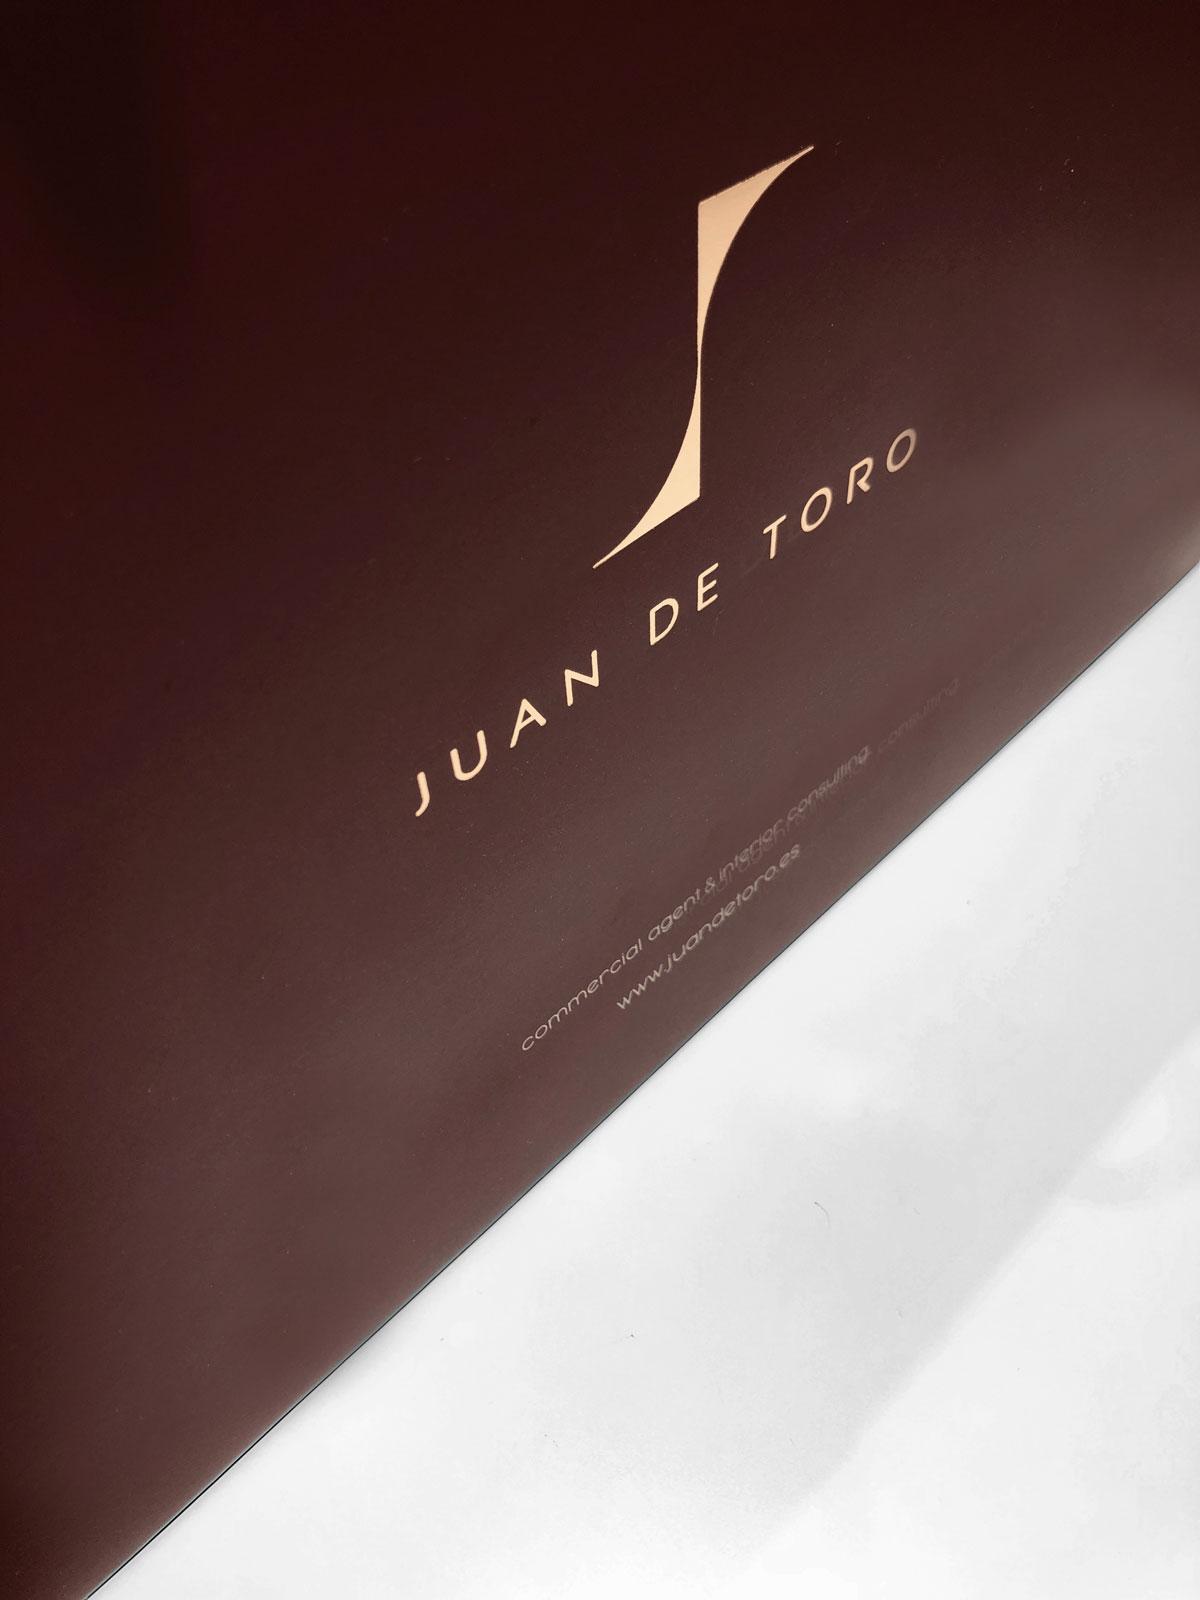 JUAN DE TORO